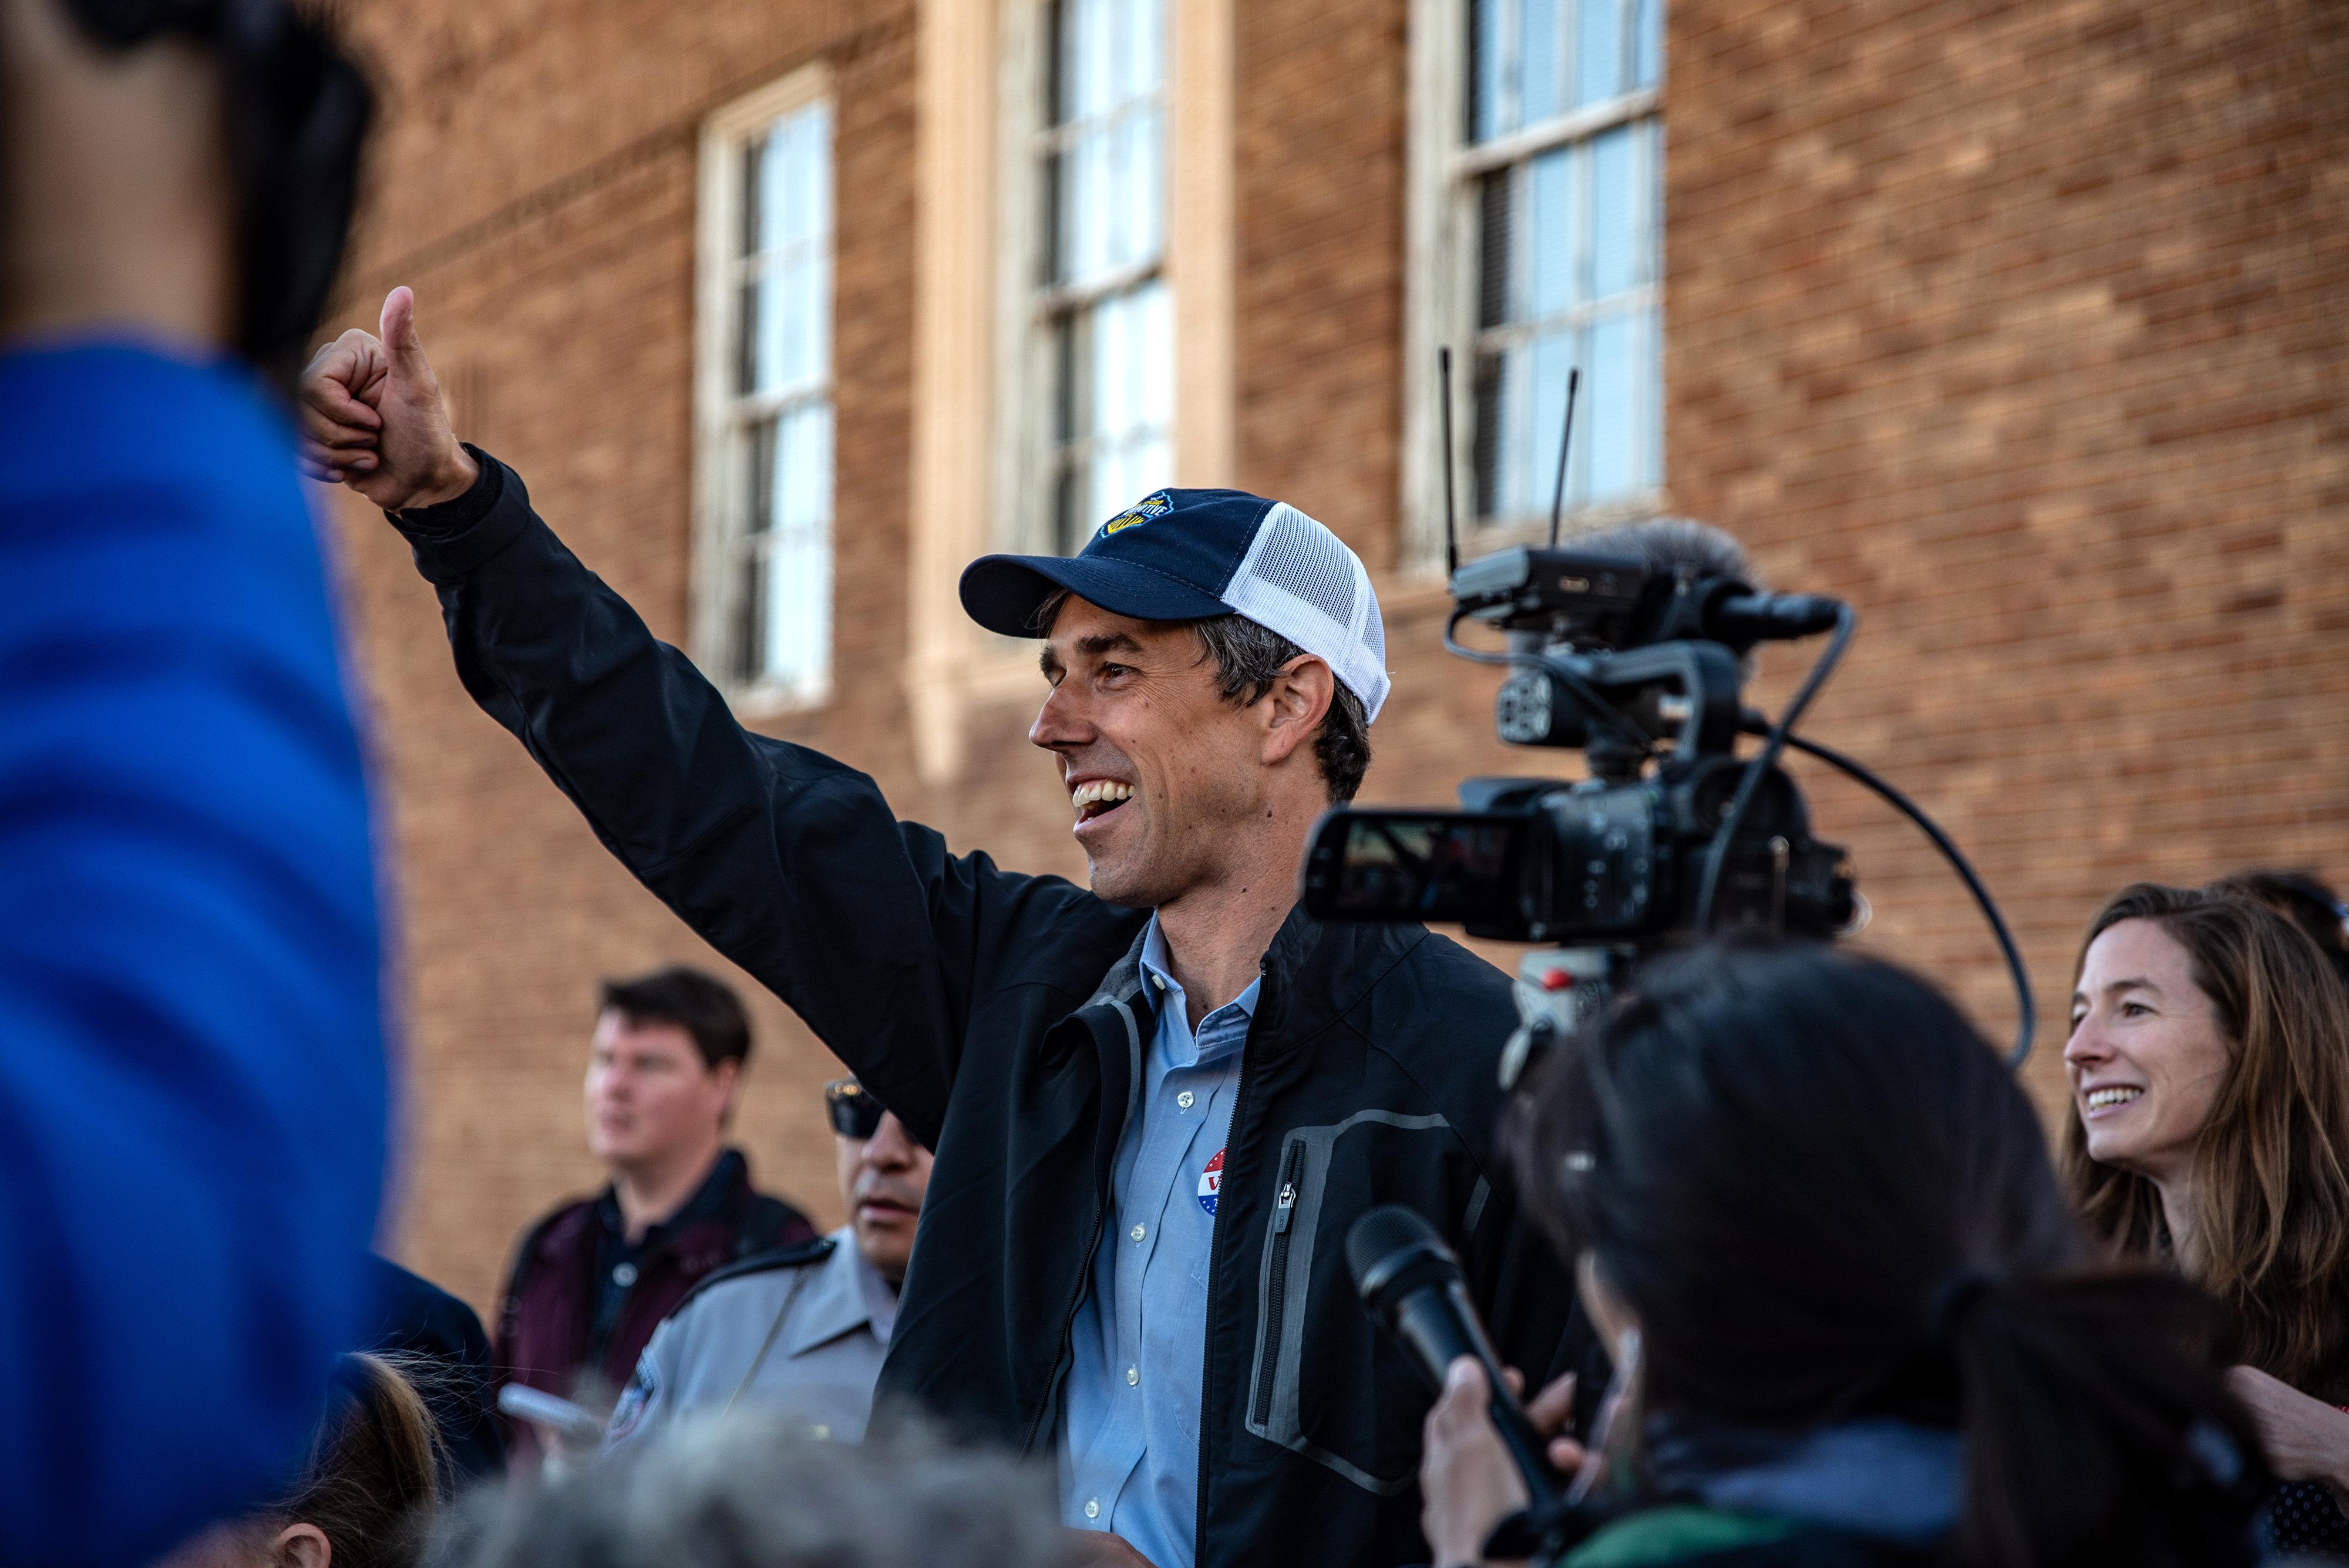 Μπέτο Ο'Ρουρκ: Ο λευκός Μπαράκ Ομπάμα που βάζει πλώρη για τον Λευκό Οίκο και το εμπόδιο των Starbucks